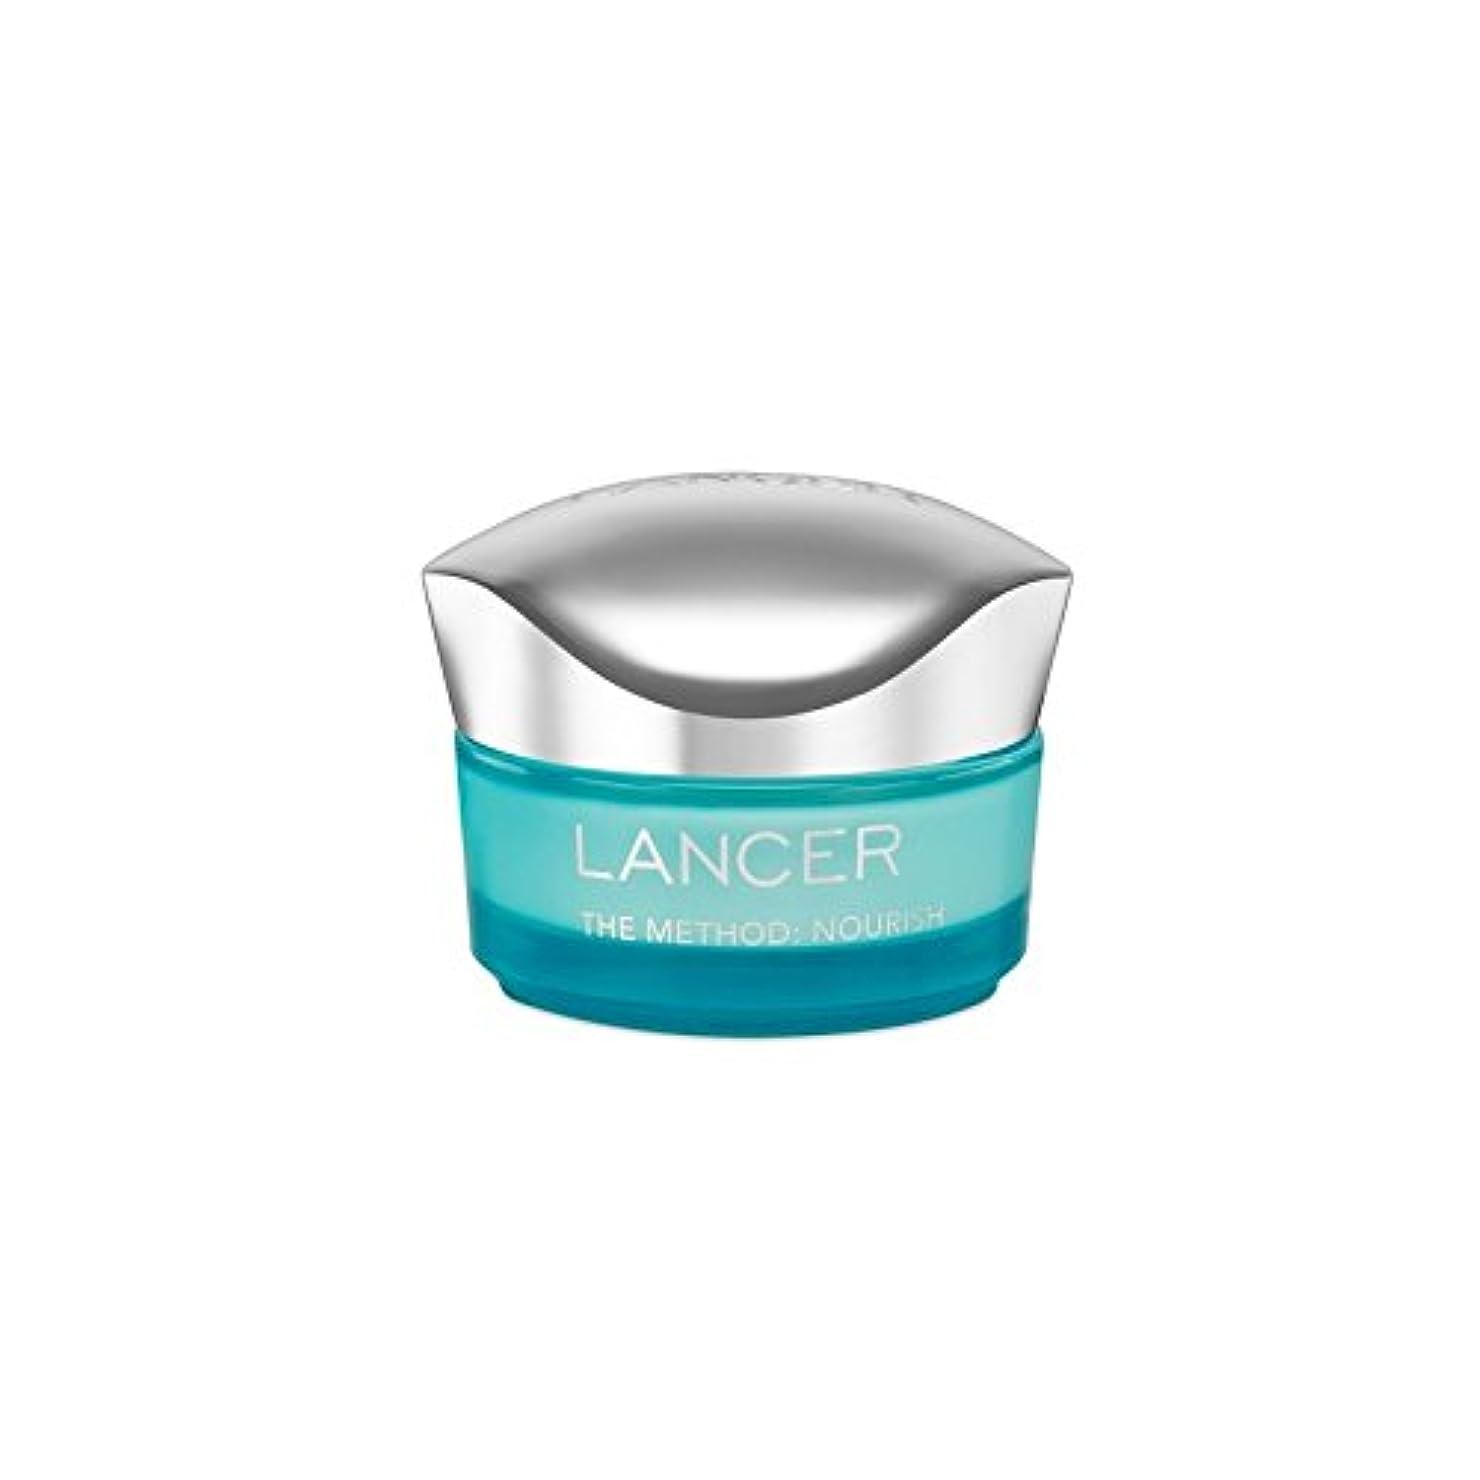 見る人ドアかすれたLancer Skincare The Method: Nourish Moisturiser (50ml) (Pack of 6) - ランサーは、この方法をスキンケア:モイスチャライザー(50)に栄養を与えます x6...